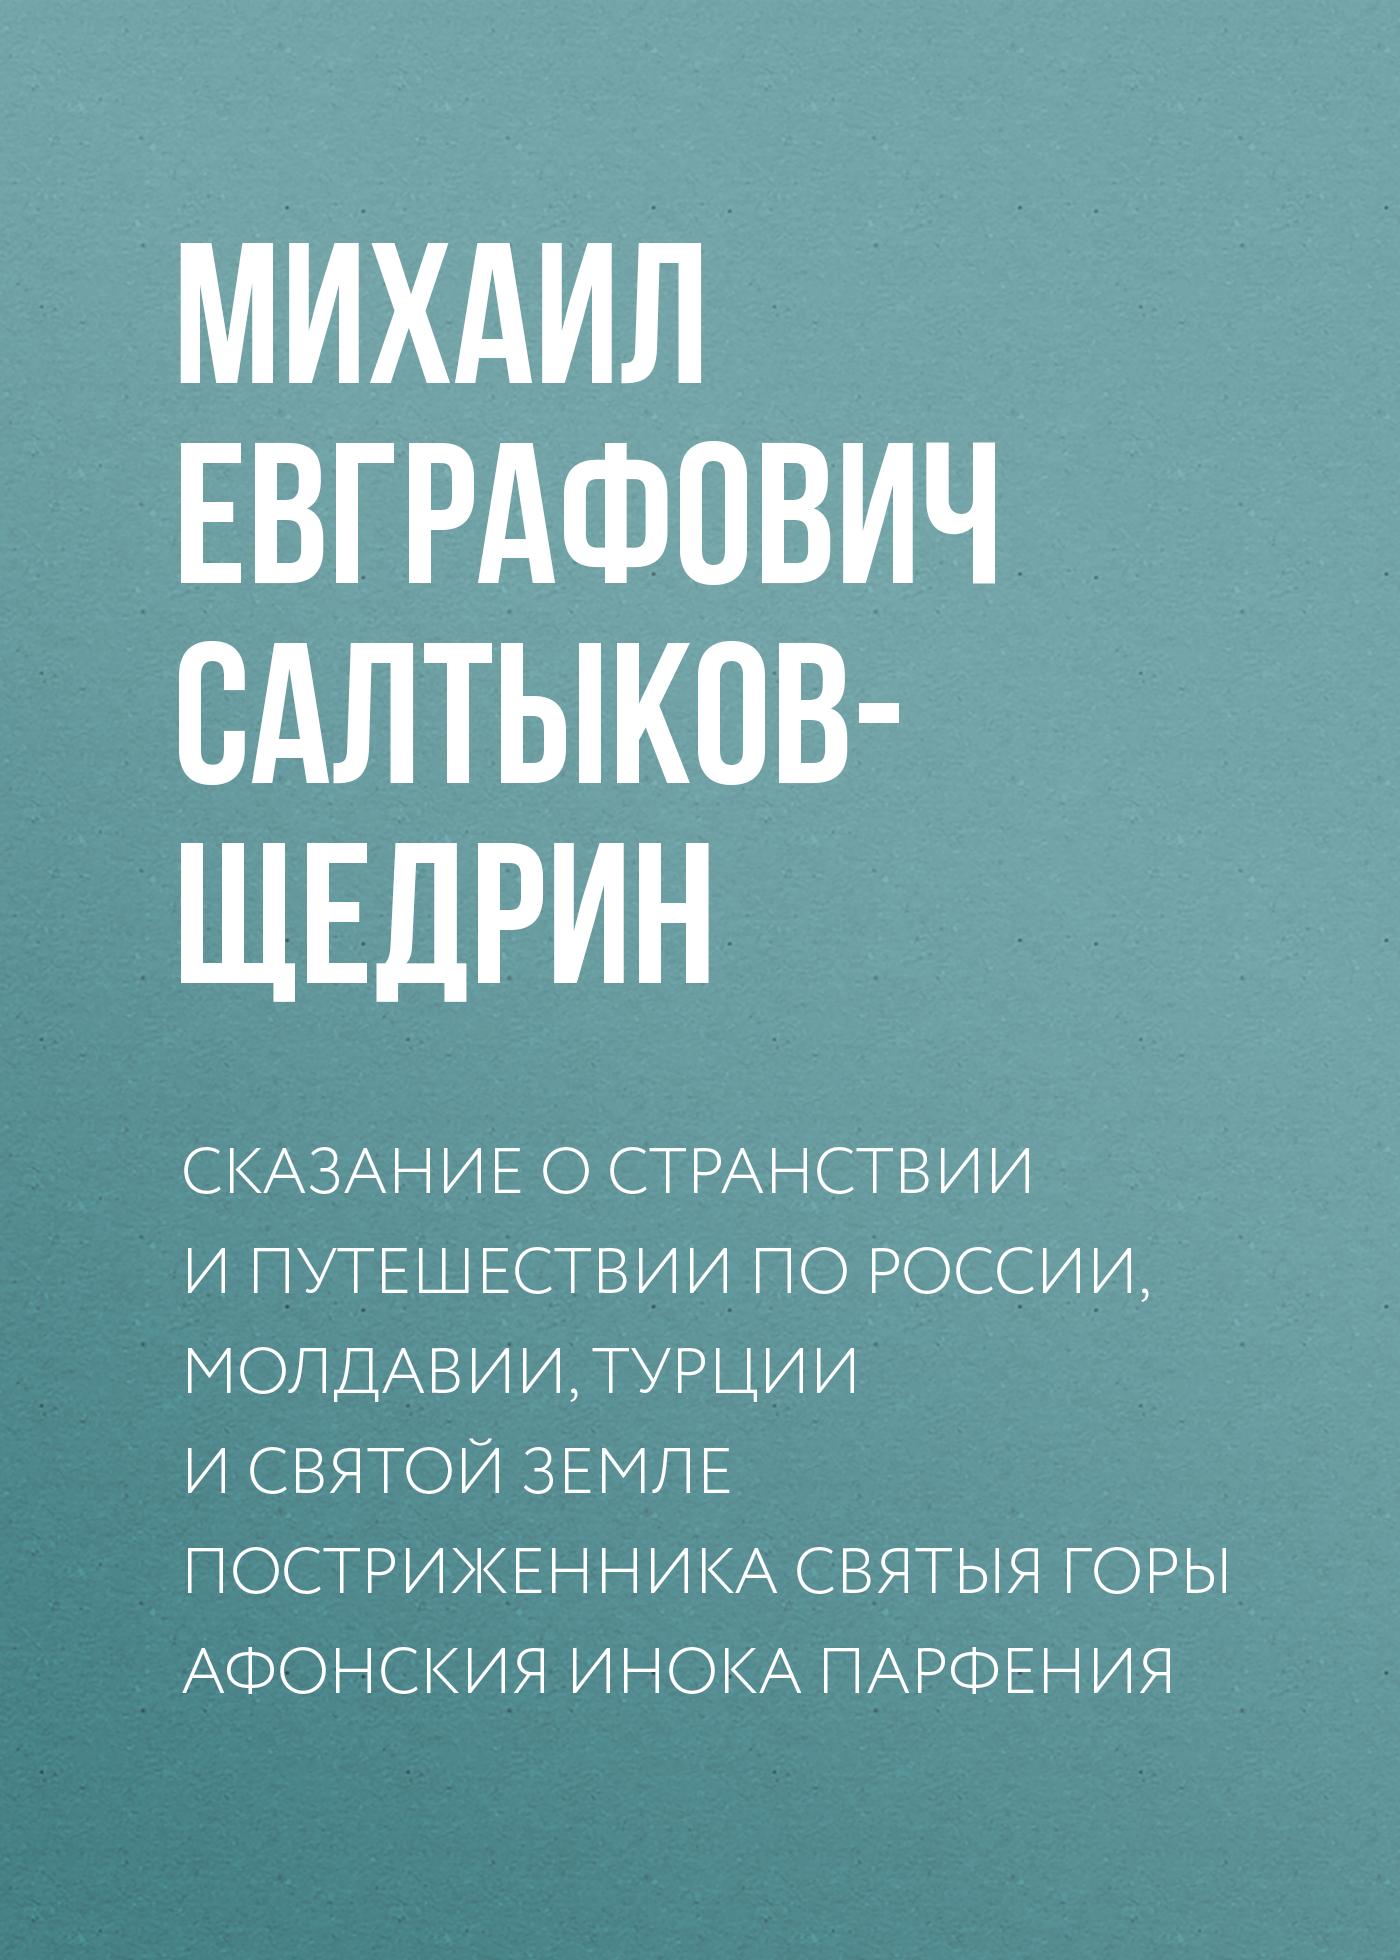 skazanie o stranstvii i puteshestvii po rossii moldavii turtsii i svyatoy zemle postrizhennika svyatyya gory afonskiya inoka parfeniya